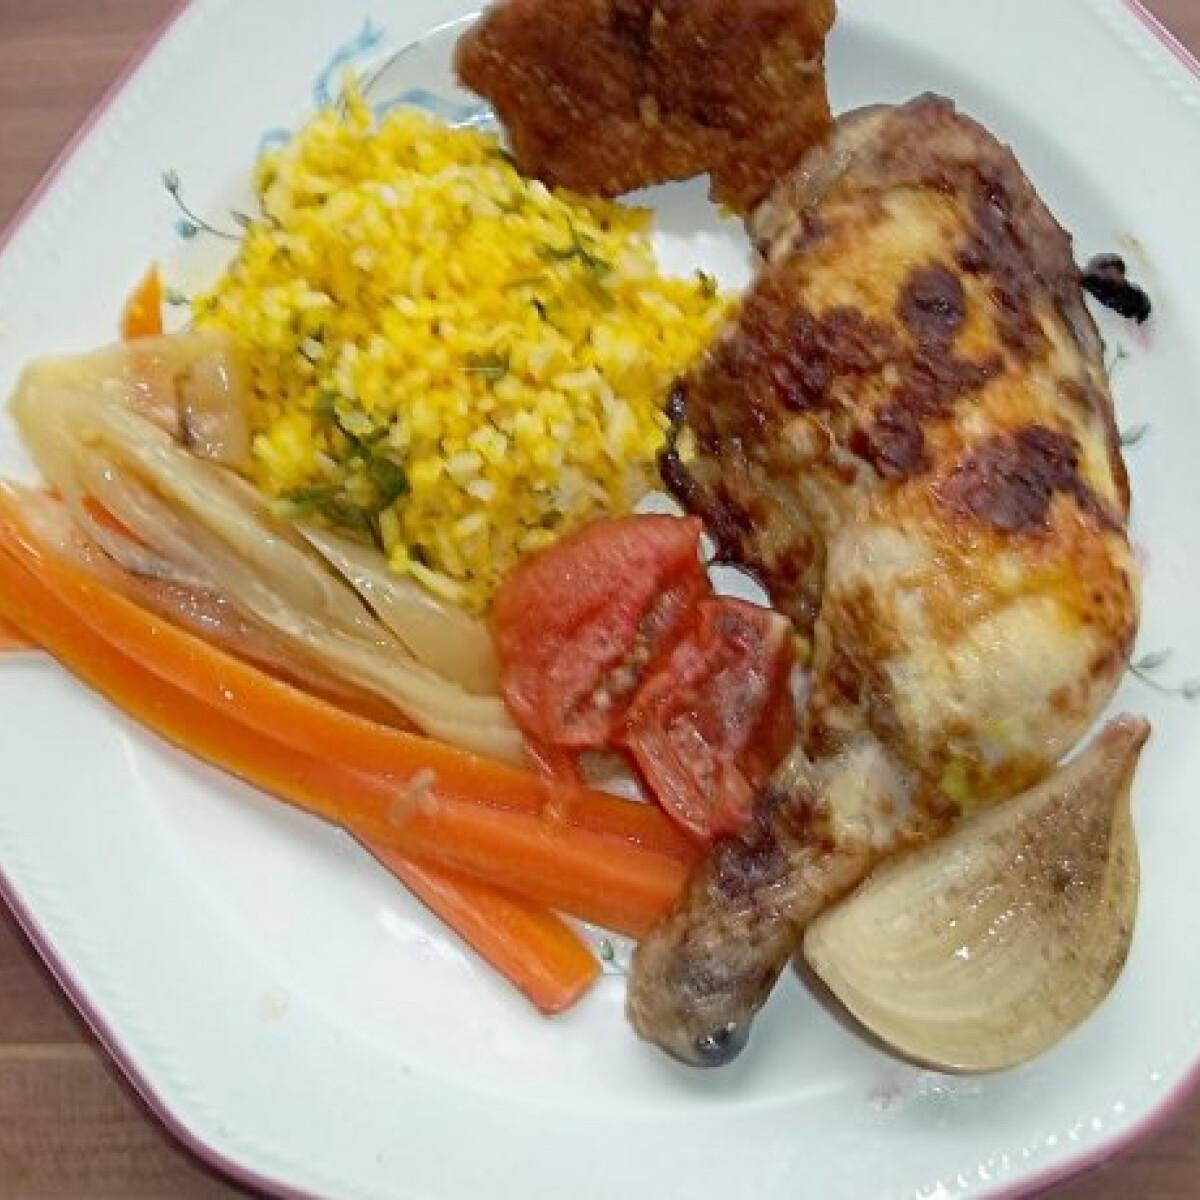 Indiai fűszerezésű csirke kurkumás rizzsel és párolt zöldségekkel